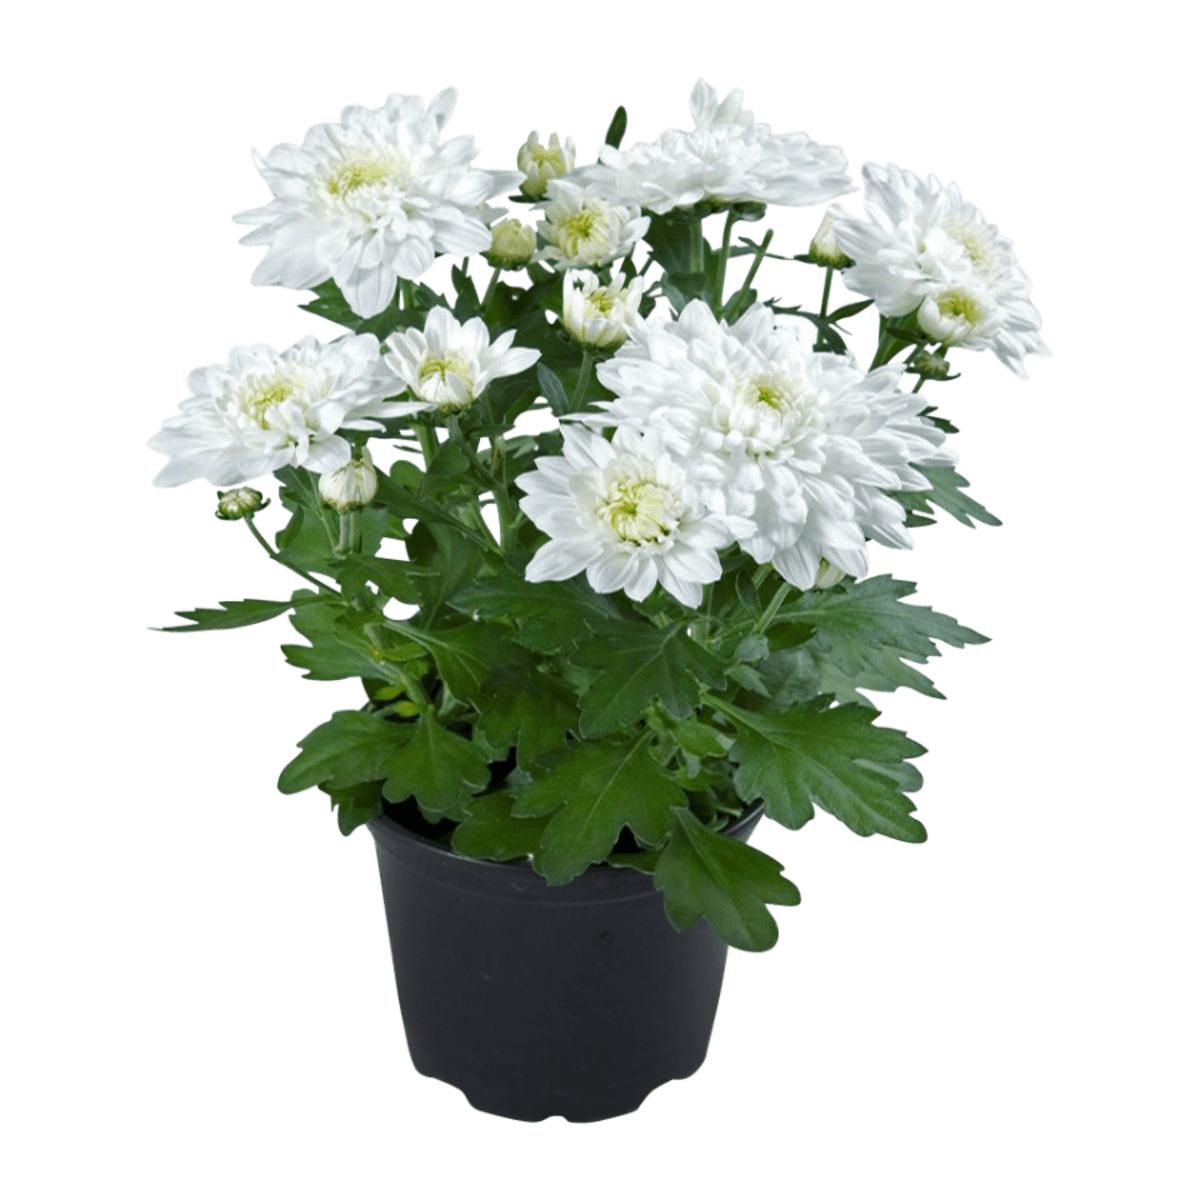 Bild 3 von GARDEN FEELINGS     Chrysantheme